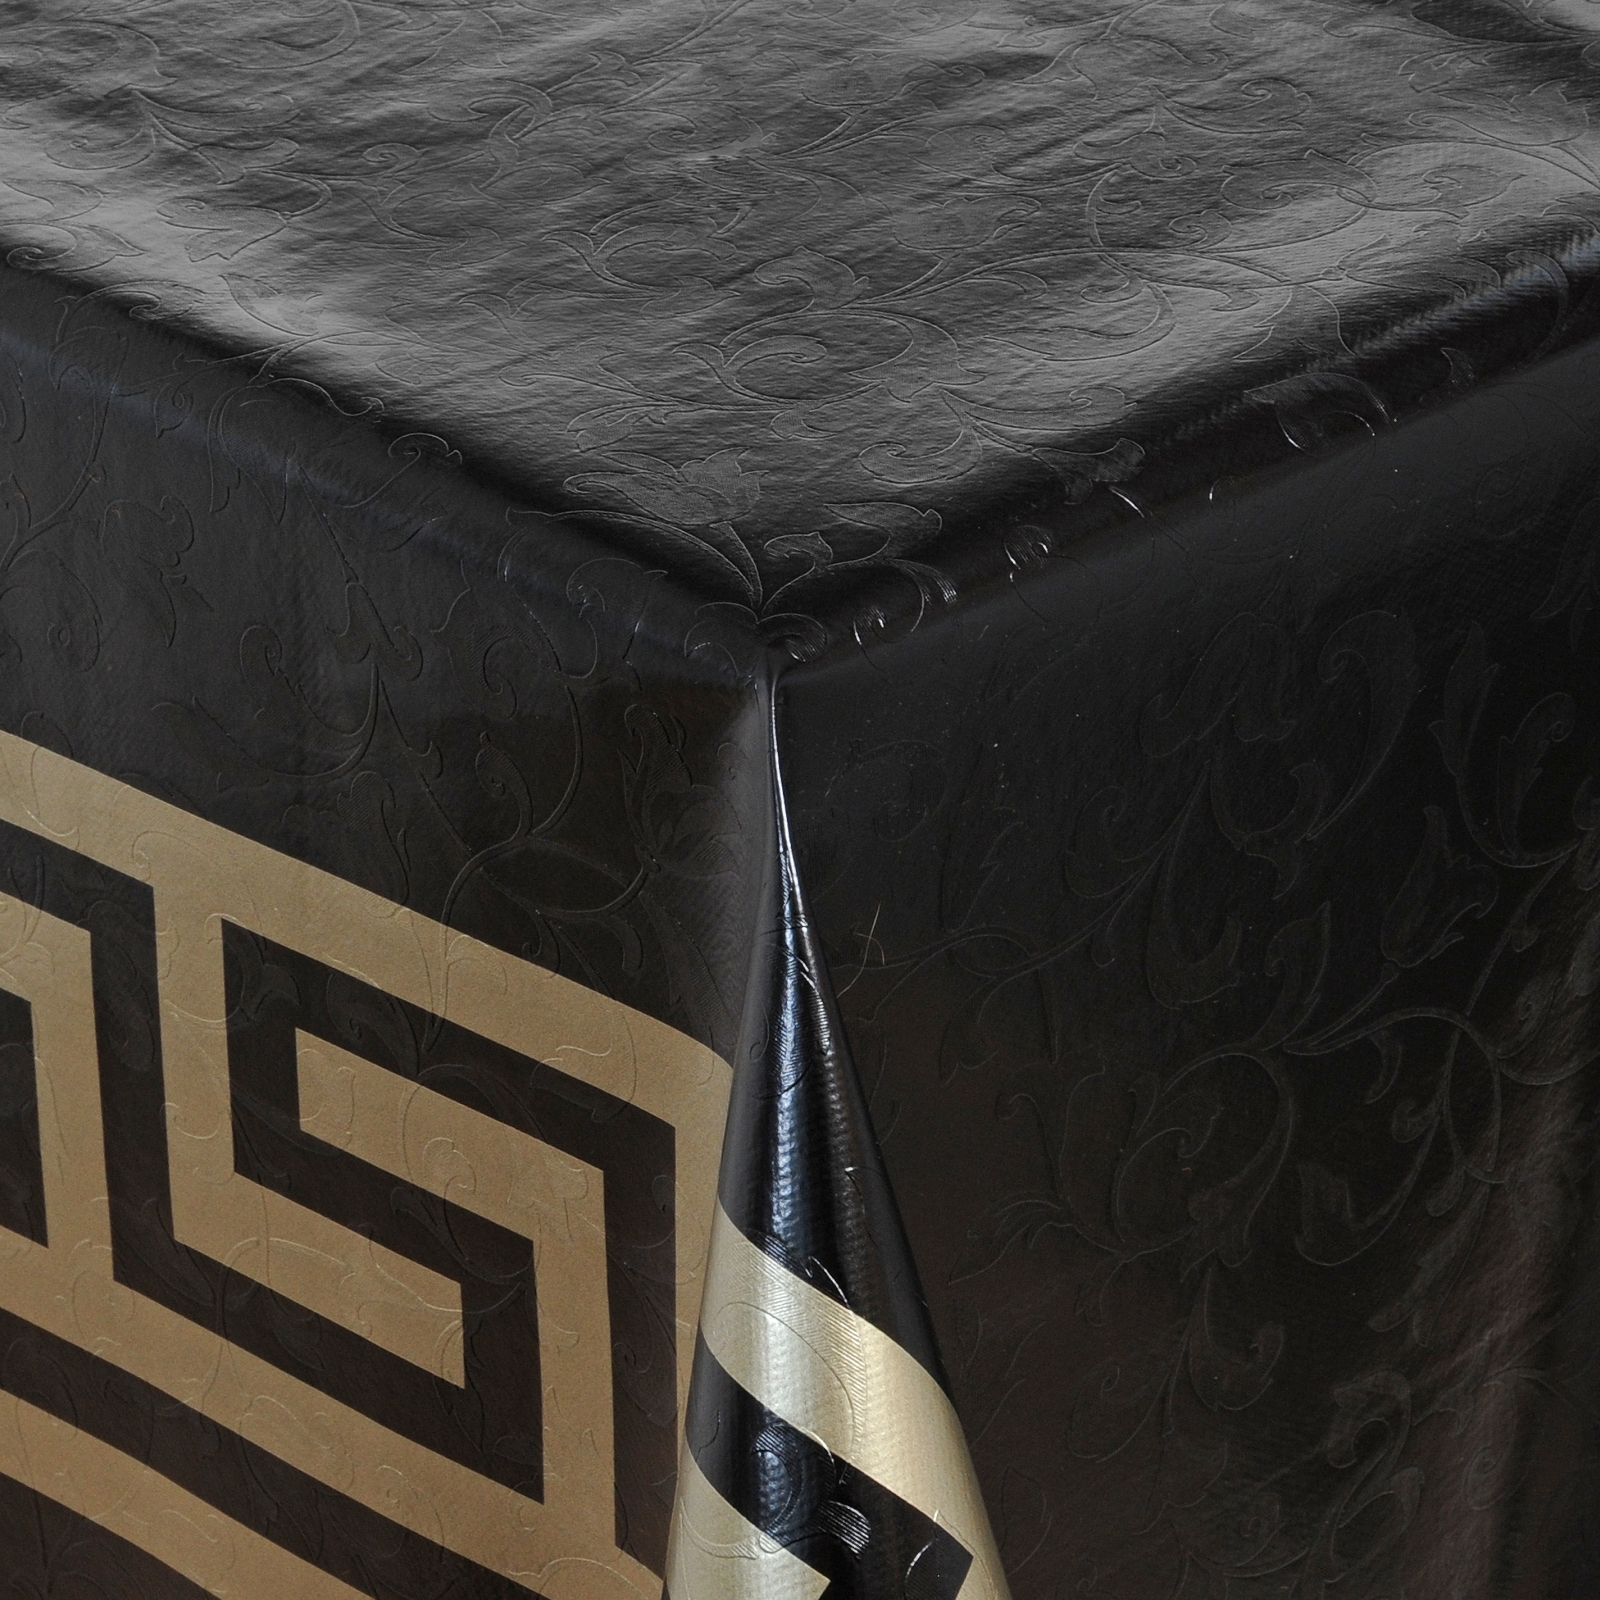 tischdecke abwaschbar wachstuch griechische bord re. Black Bedroom Furniture Sets. Home Design Ideas